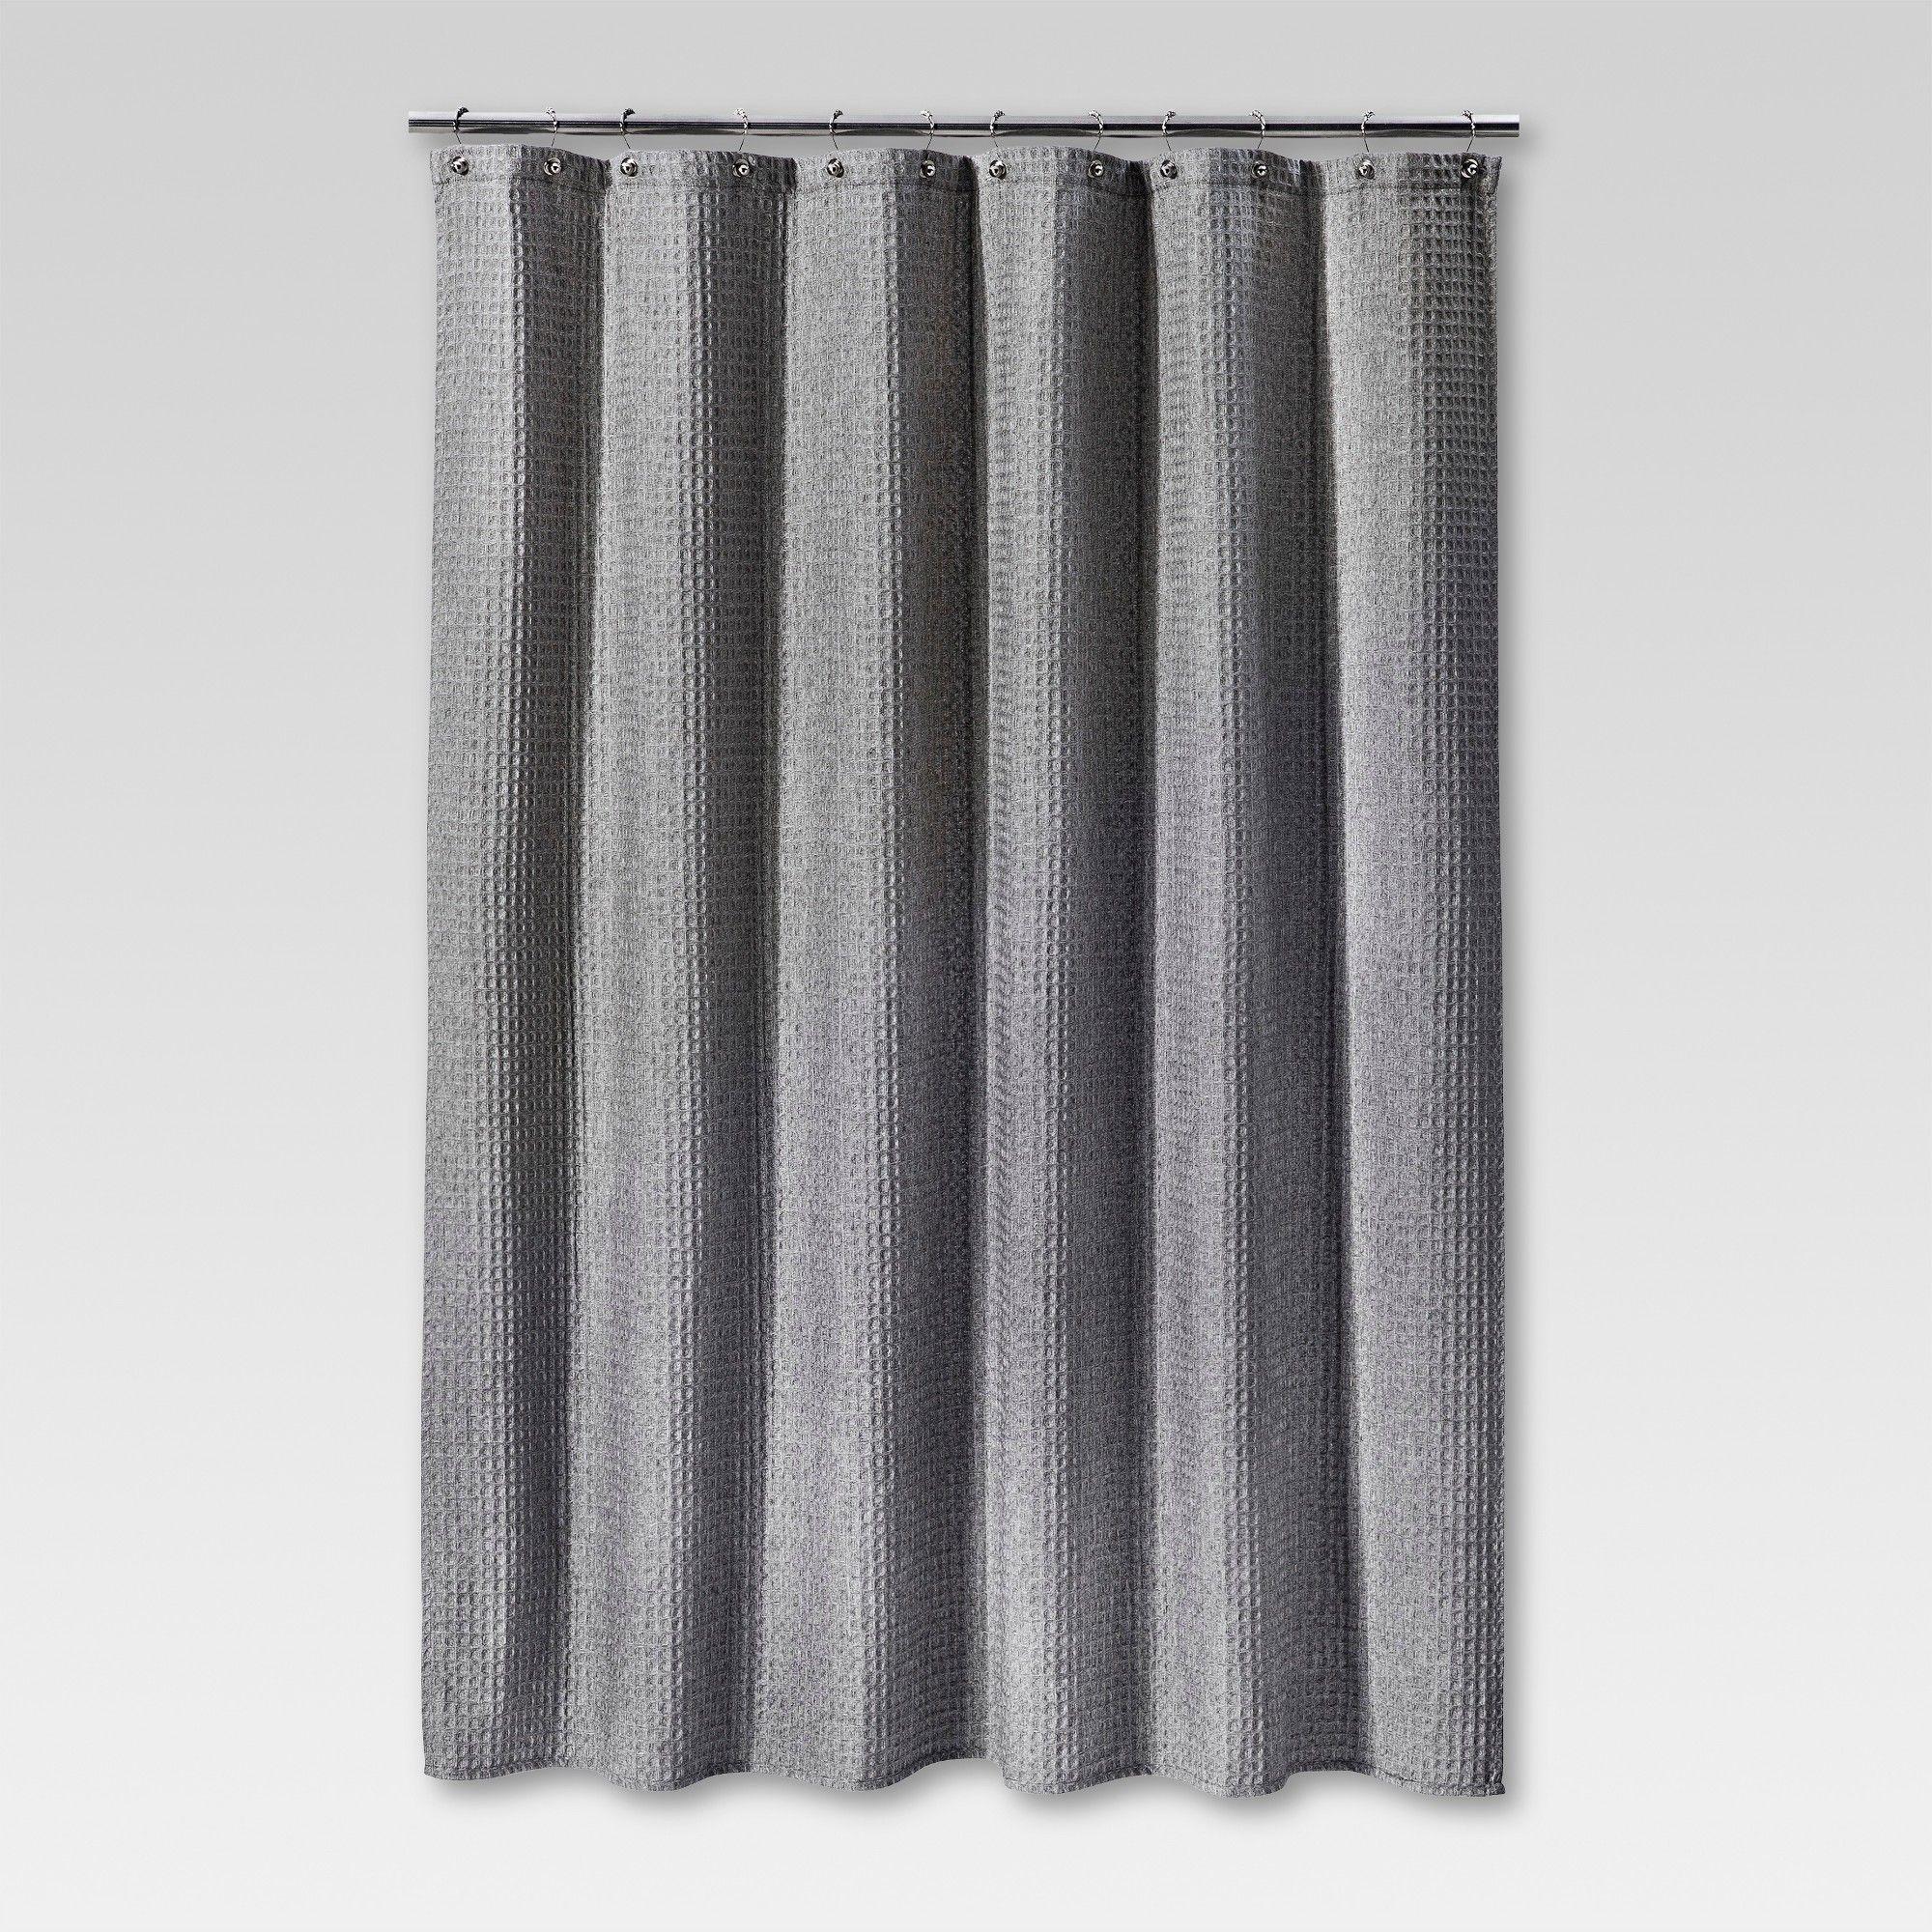 Heathered Waffle Shower Curtain Gray Threshold White Gray